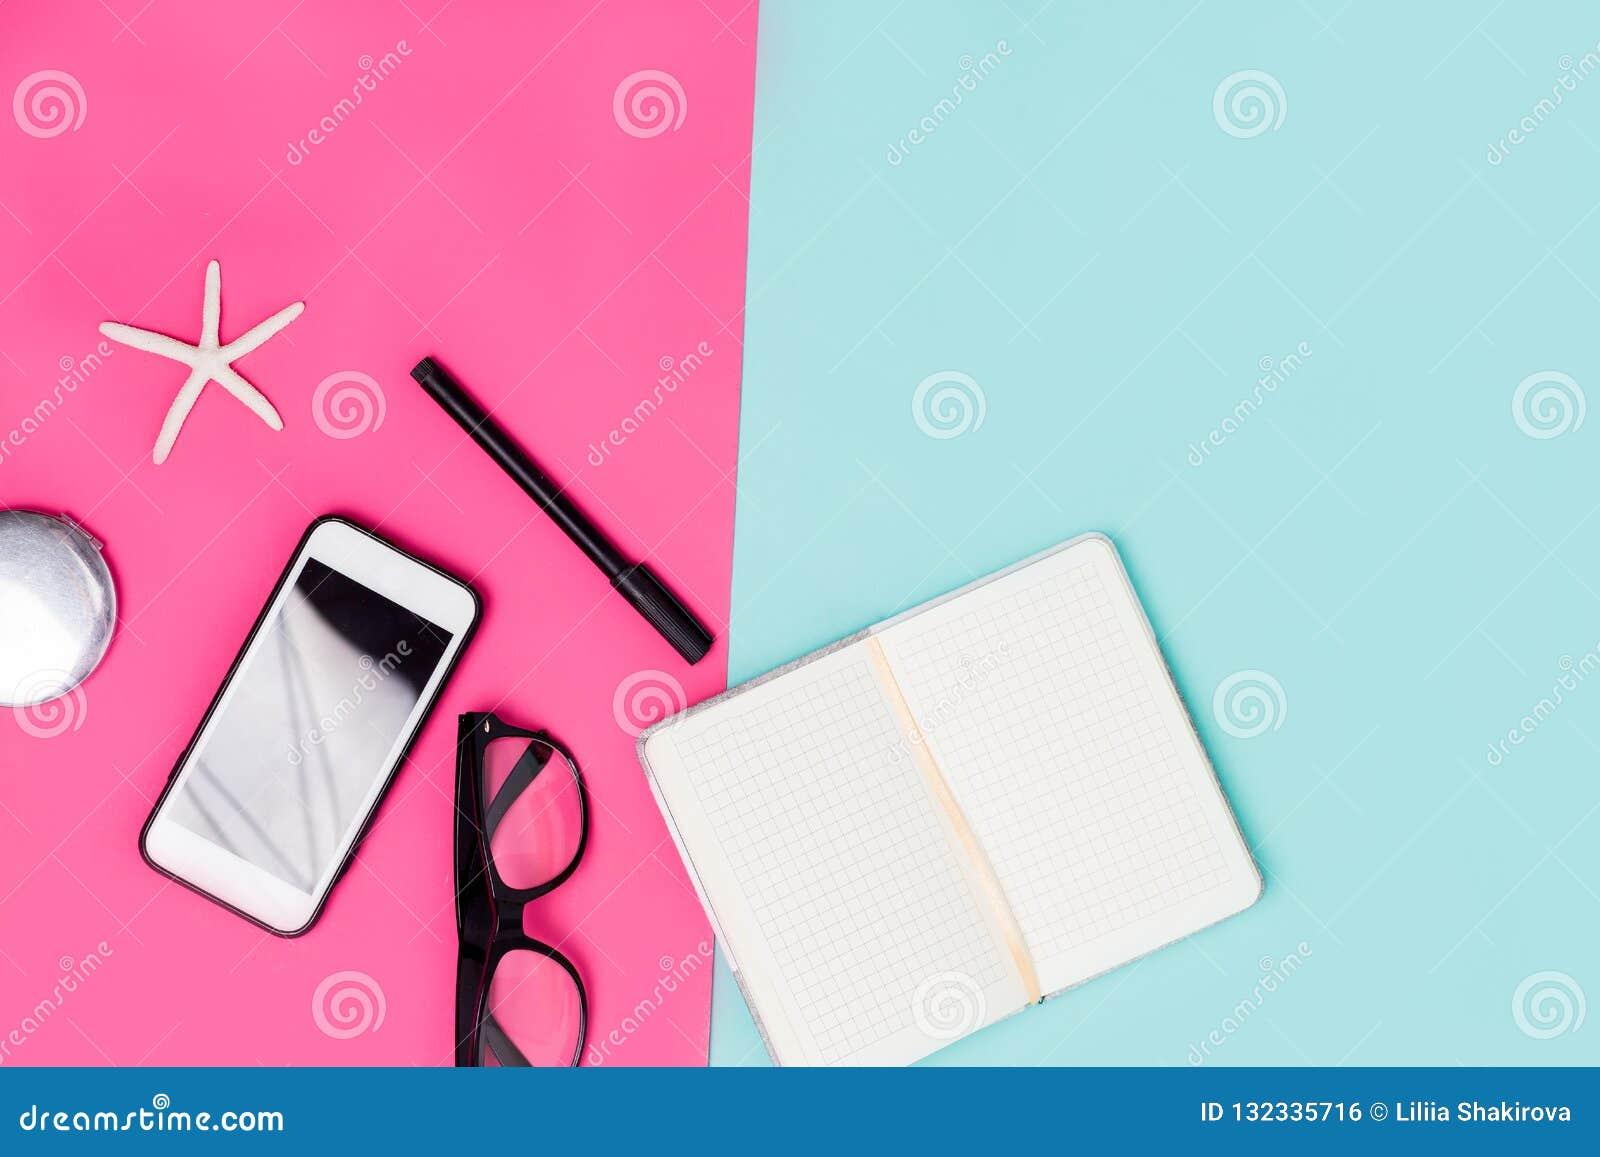 Κλείστε επάνω το γραφείο γραφείων με τα χαρτικά, τα γυαλιά και το smartphone Ροζ άνοιξη και μπλε υπόβαθρο κρητιδογραφιών